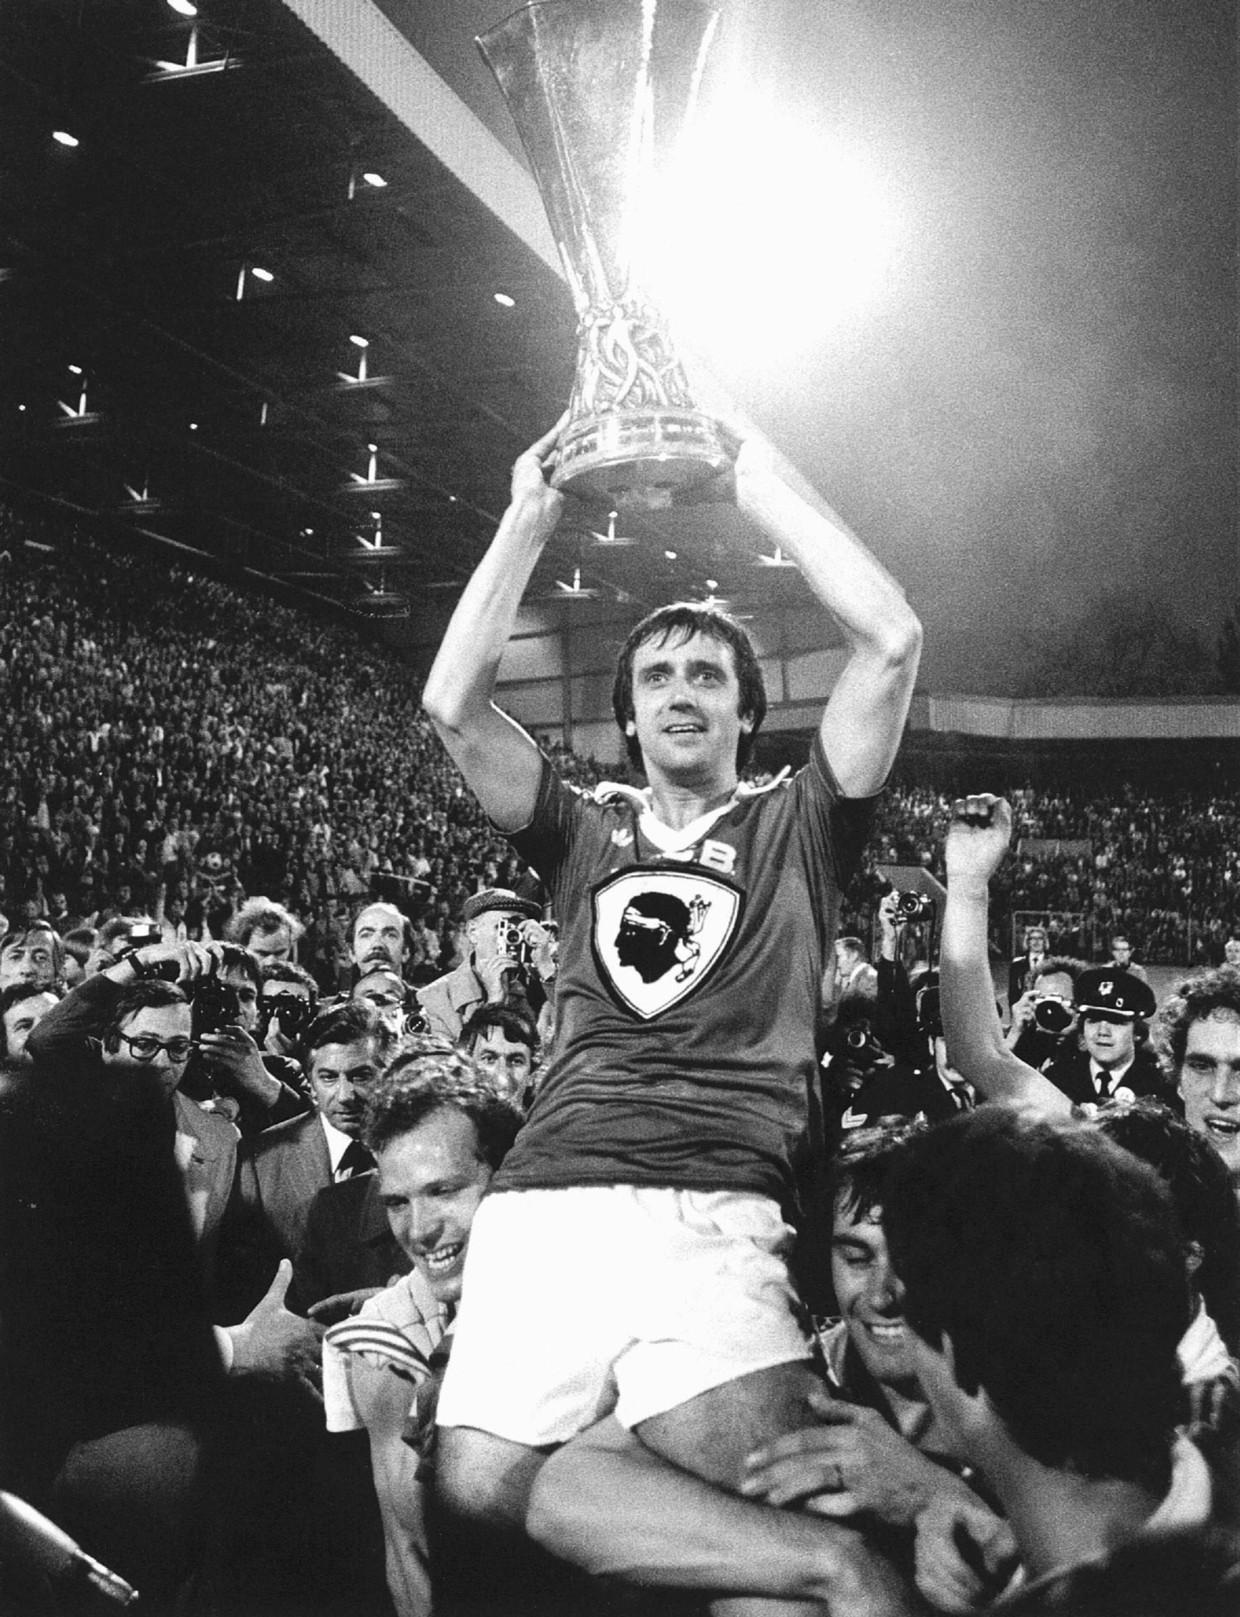 PSV'er Willy van der Kuijlen met de Uefa Cup in 1978. Beeld anp